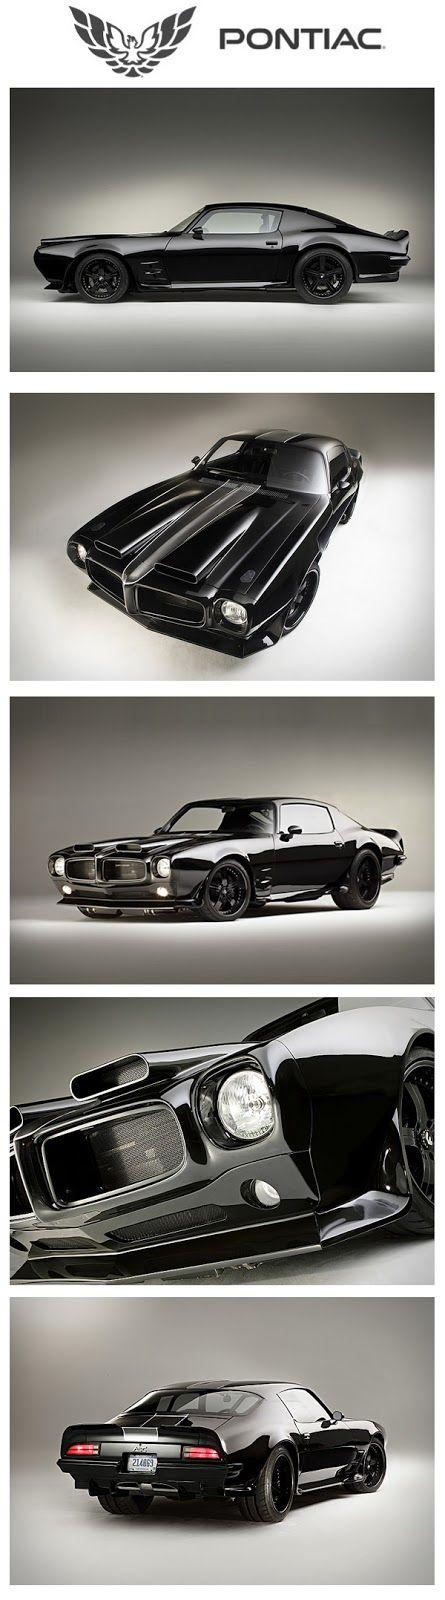 Diario Motocicleta: '70 #Pontiac Firebird - uno de los coches mas impresionantes que he visto